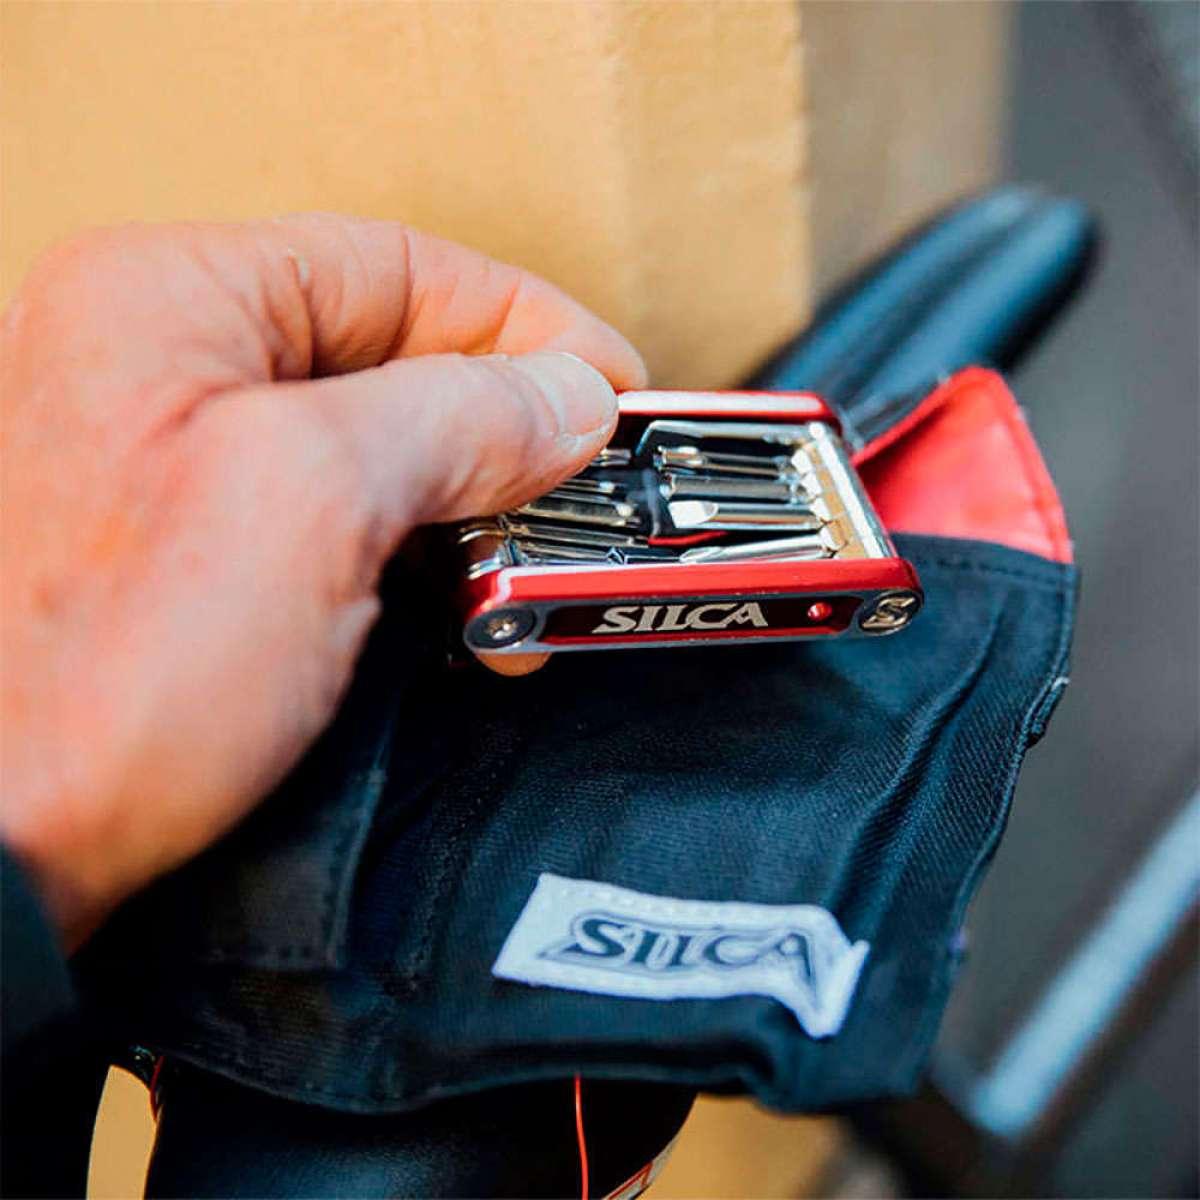 Silca Italian Army Knife Tredici, la multiherramienta utilizada por el MMR Factory Racing Team